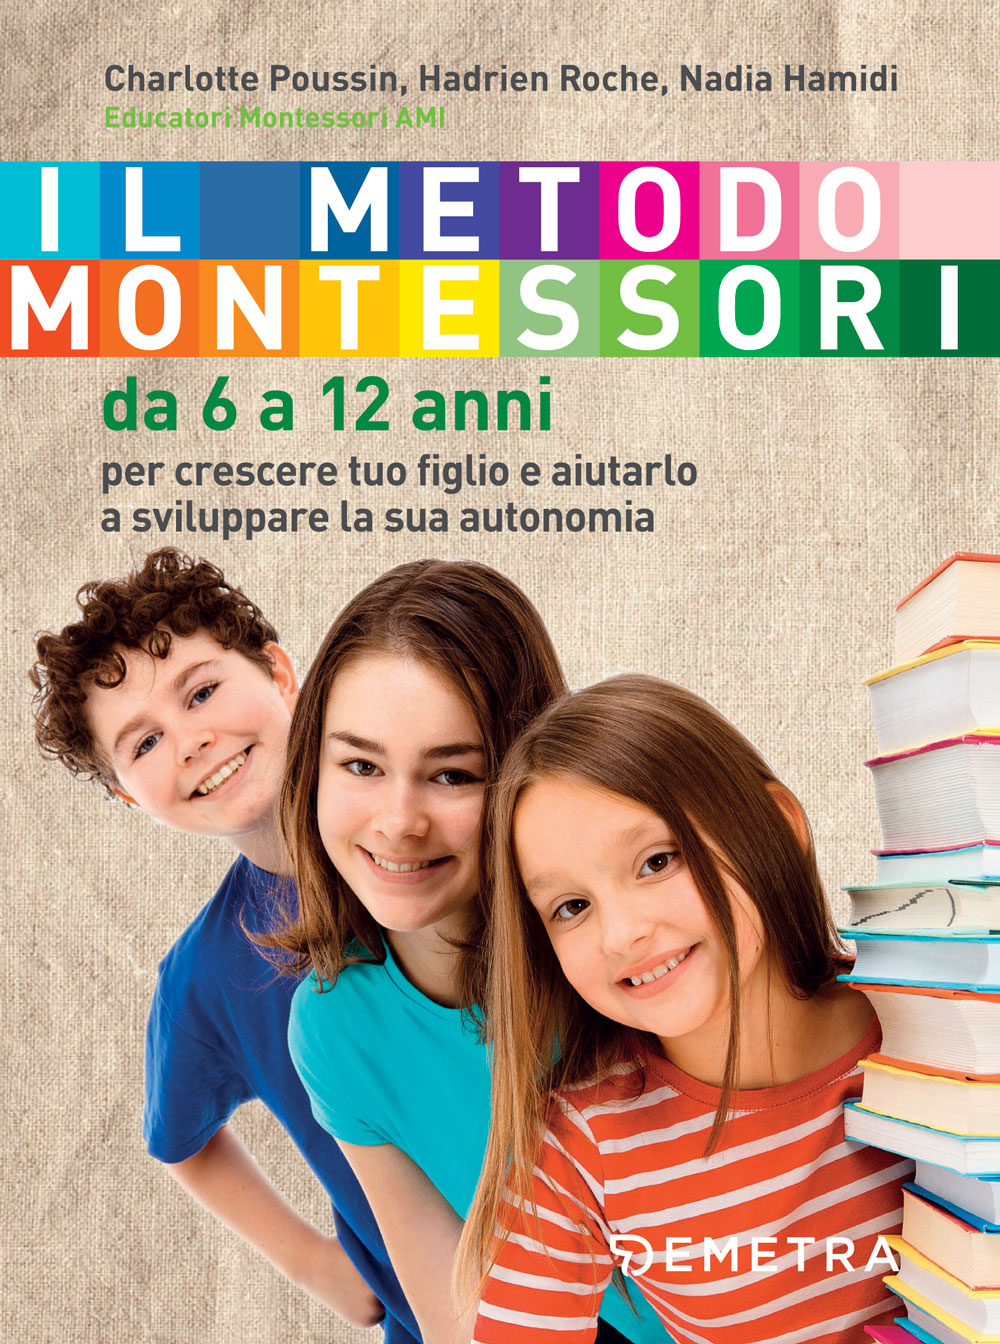 Il metodo Montessori da 6 a 12 anni